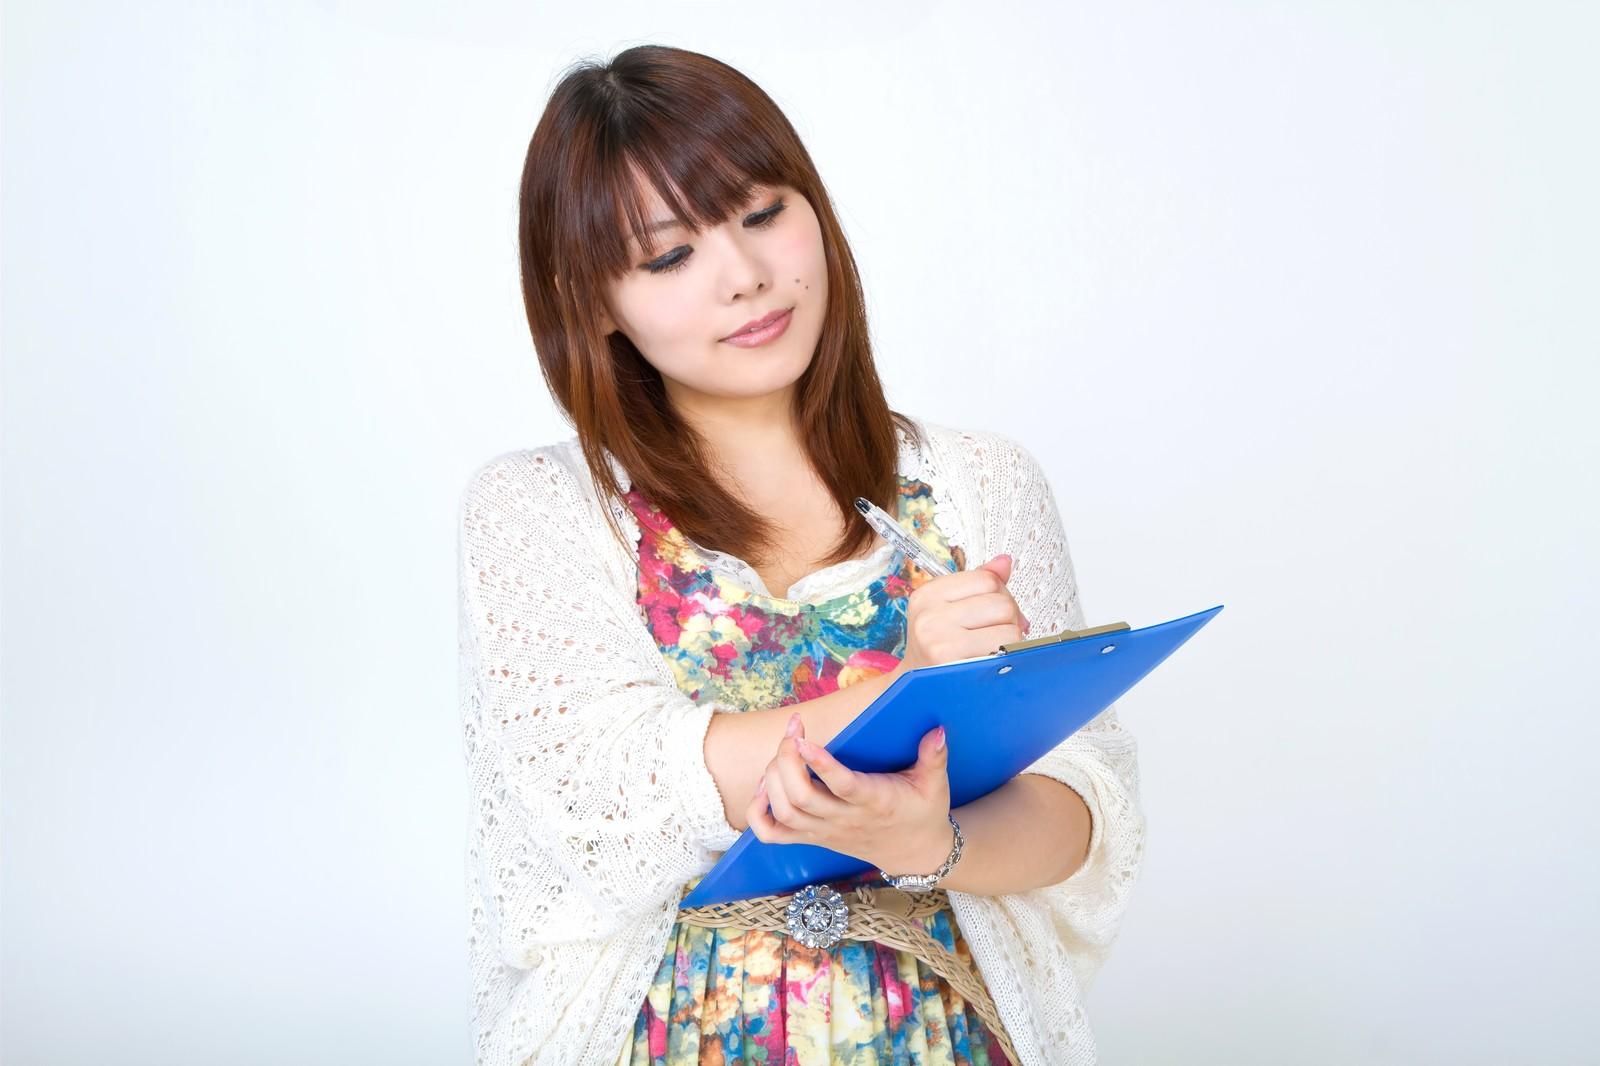 チェックする女性 30日間英会話速習プログラム:Final Englishの評価・感想・レビュー